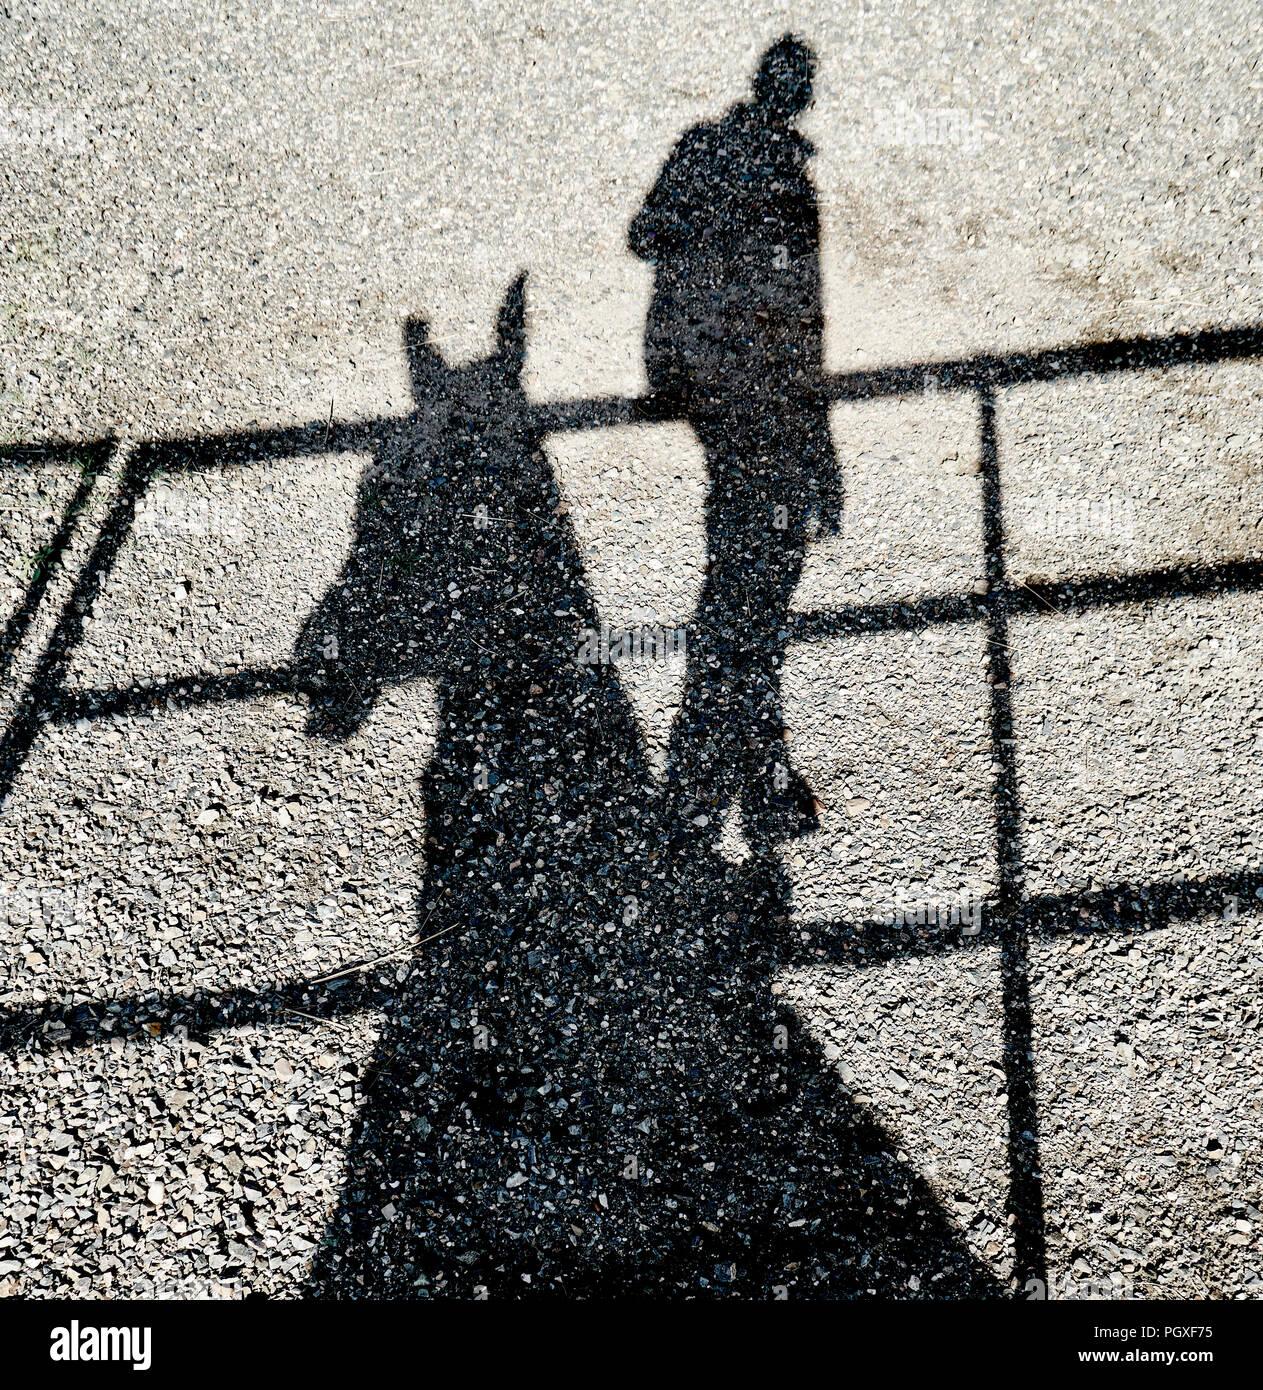 Sombra de una persona en un raíl de subirse a un caballo's neckl reflexionó sobre un suelo de grava Foto de stock